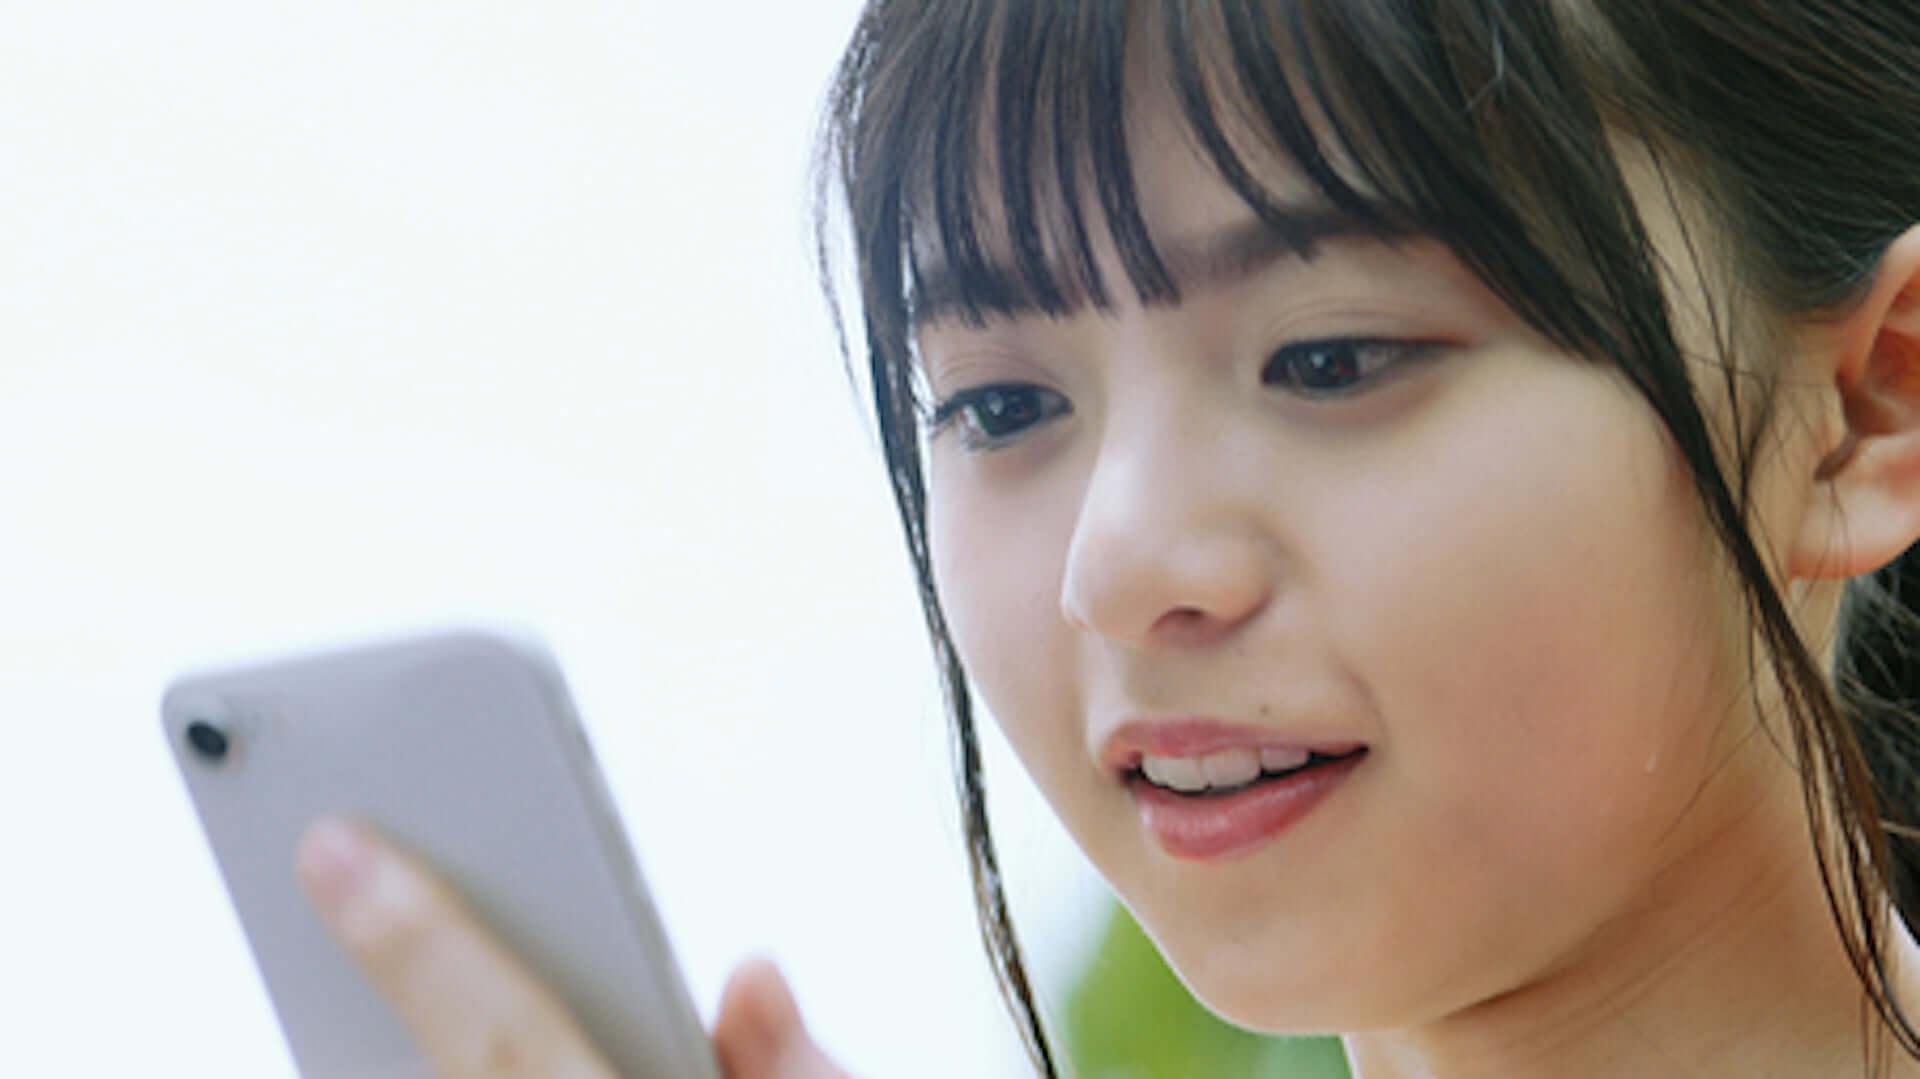 乃木坂46と「ポケモンGO」で毎日を楽しもう!<#好きなようにGOしよう>キャンペーン開始 technology190801pokemon-go_4-1920x1079